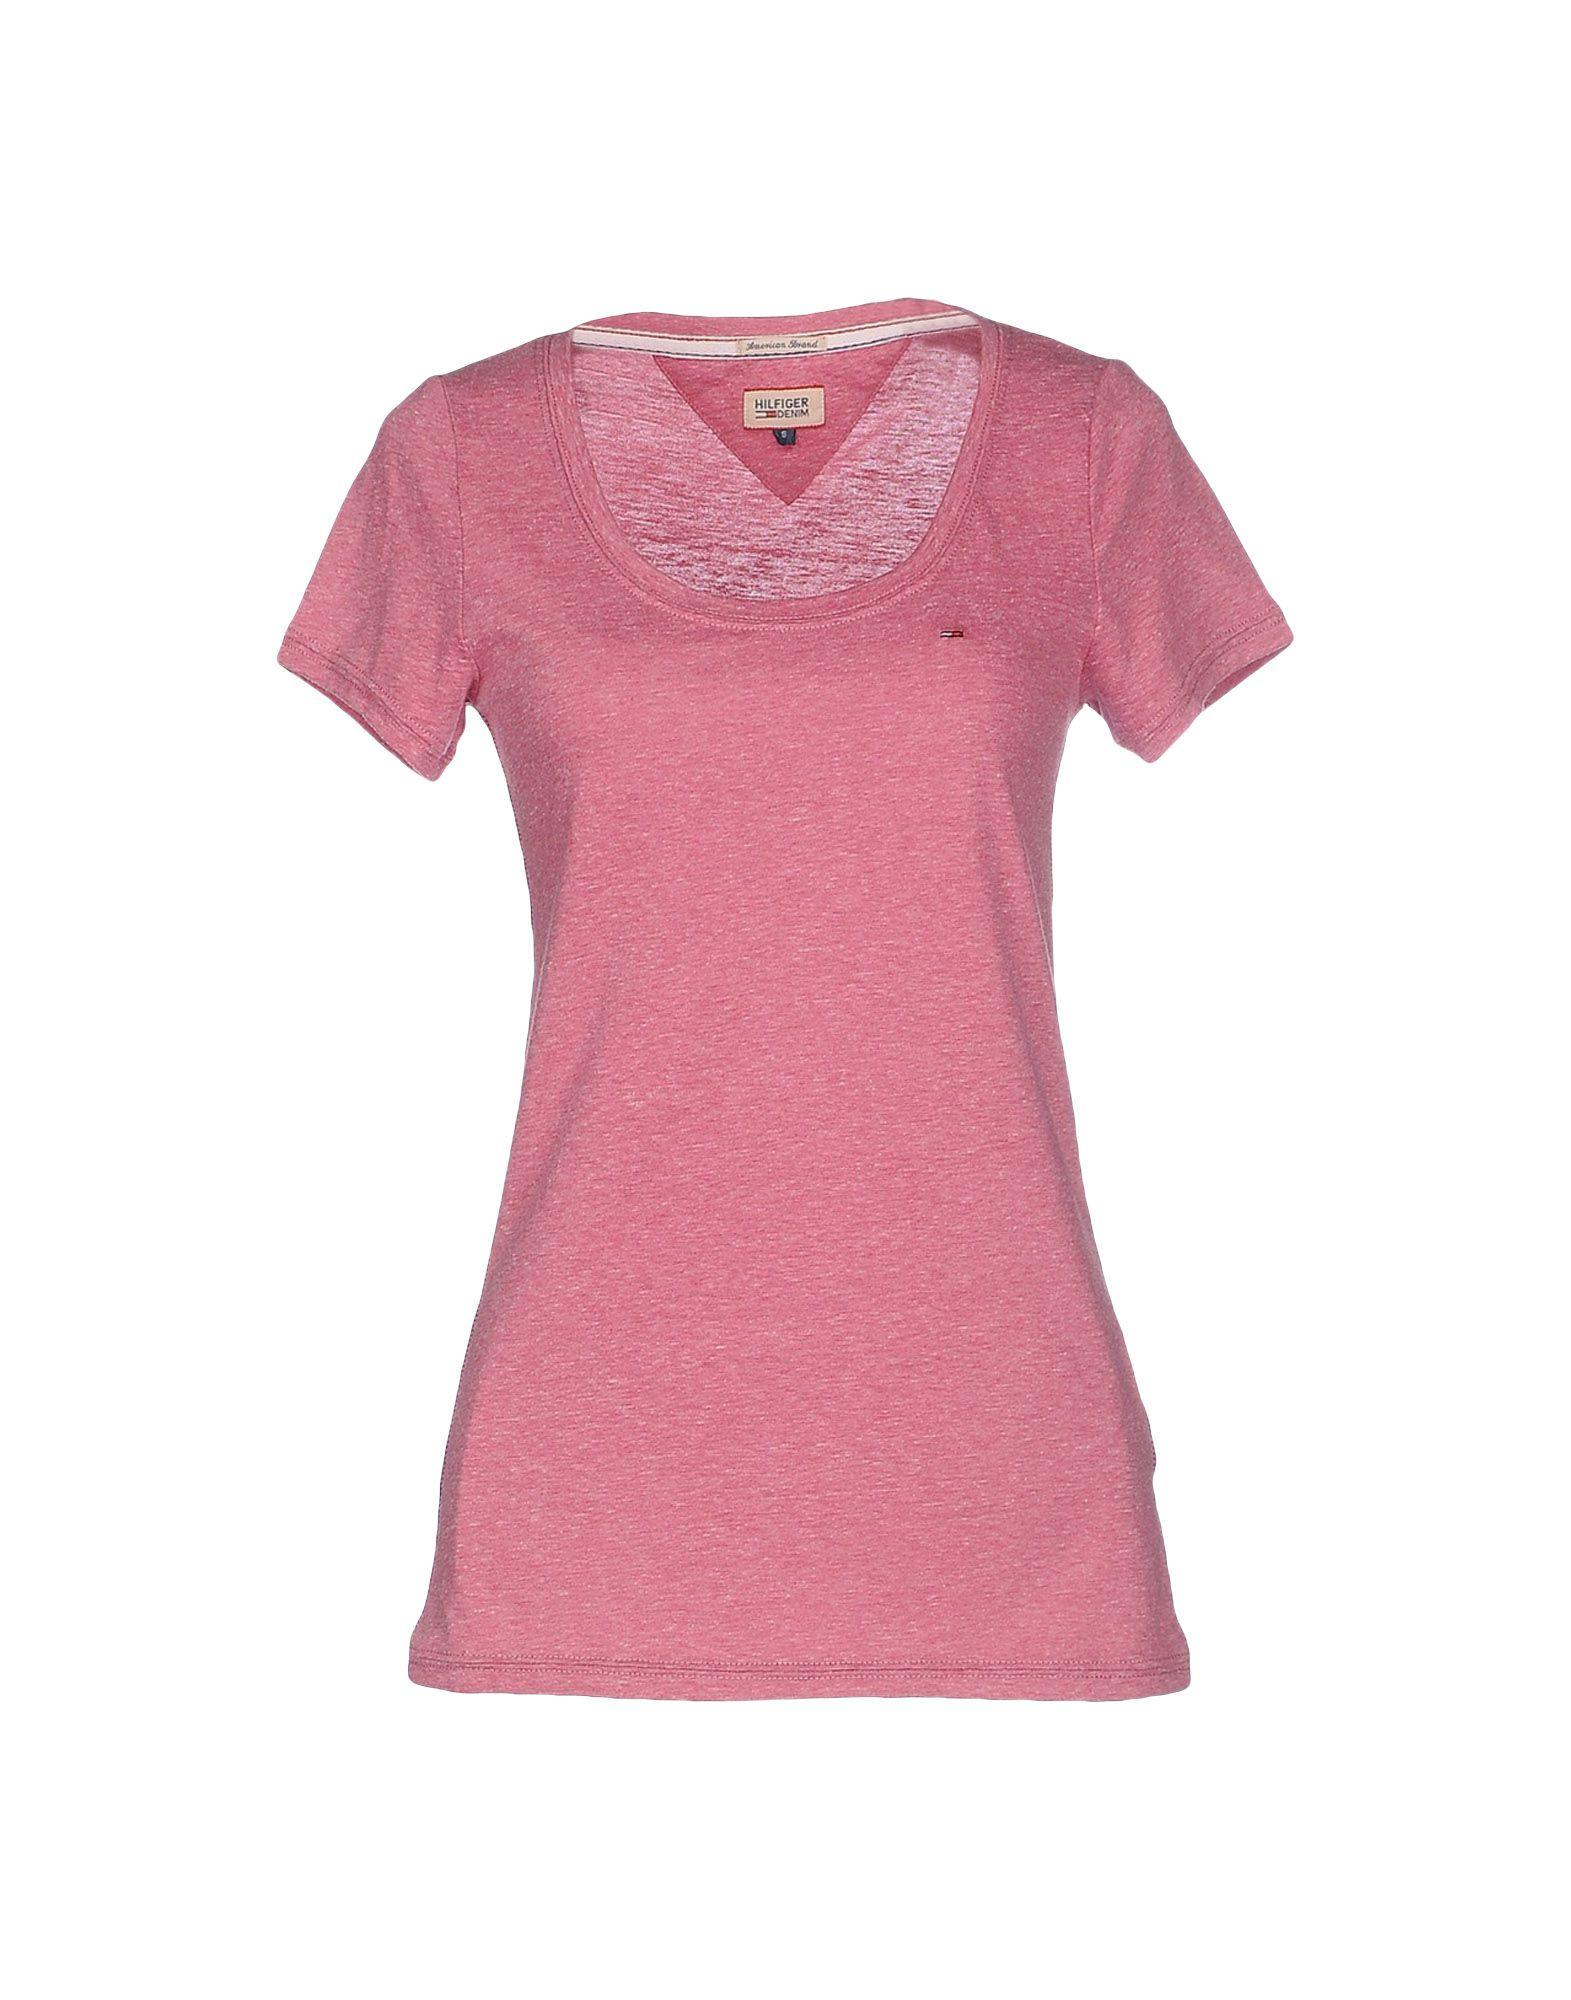 hilfiger denim t shirt in pink pastel pink lyst. Black Bedroom Furniture Sets. Home Design Ideas